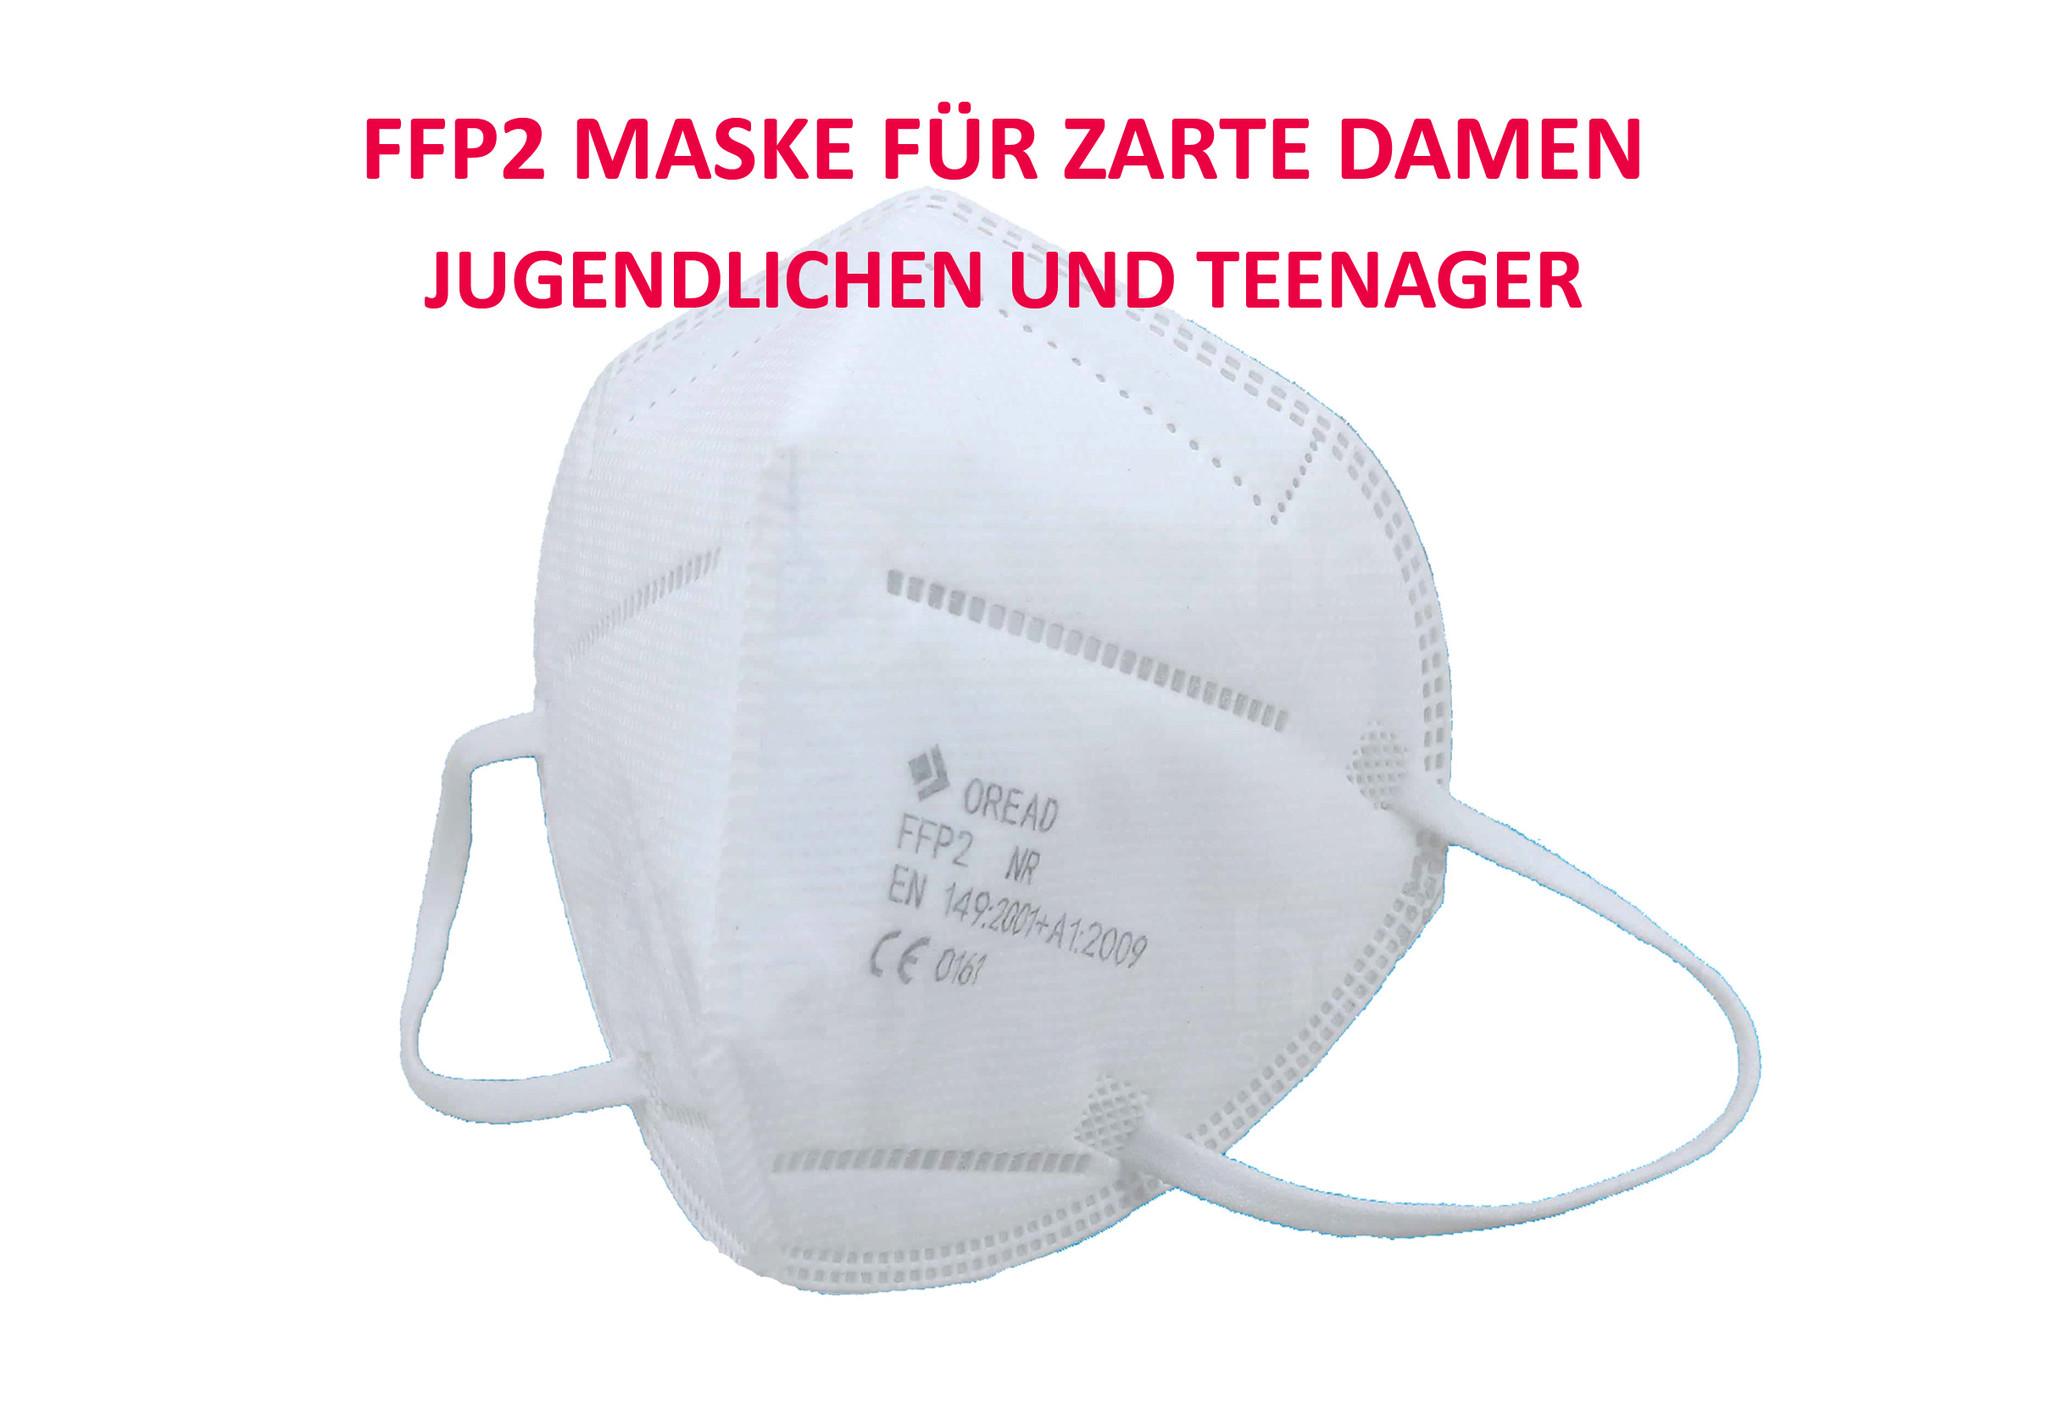 10 Stück FFP2 Maske, für Kinder, Jugendlichen, zarte Damen